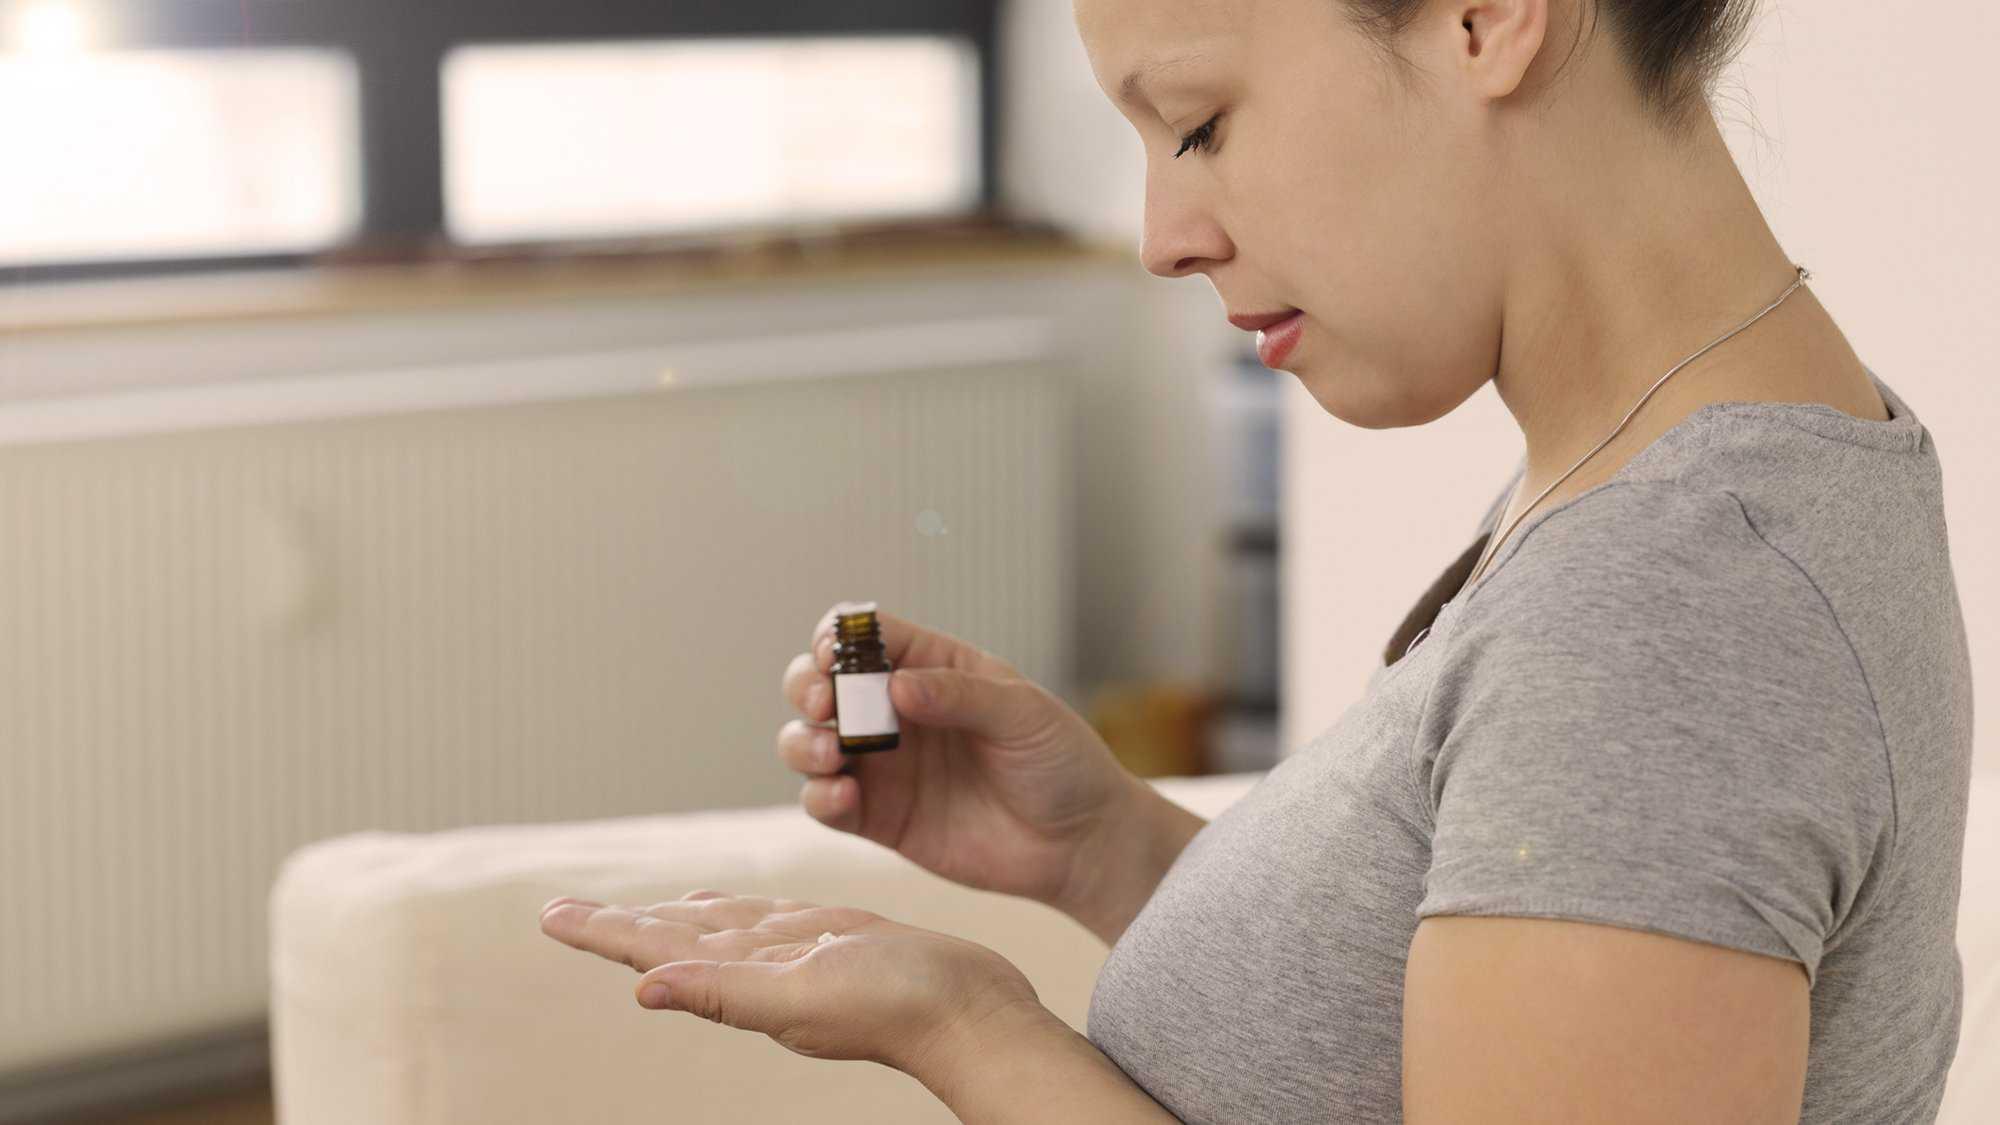 Имеет ли смысл гомеопатия во время беременности? вопросы и ответы